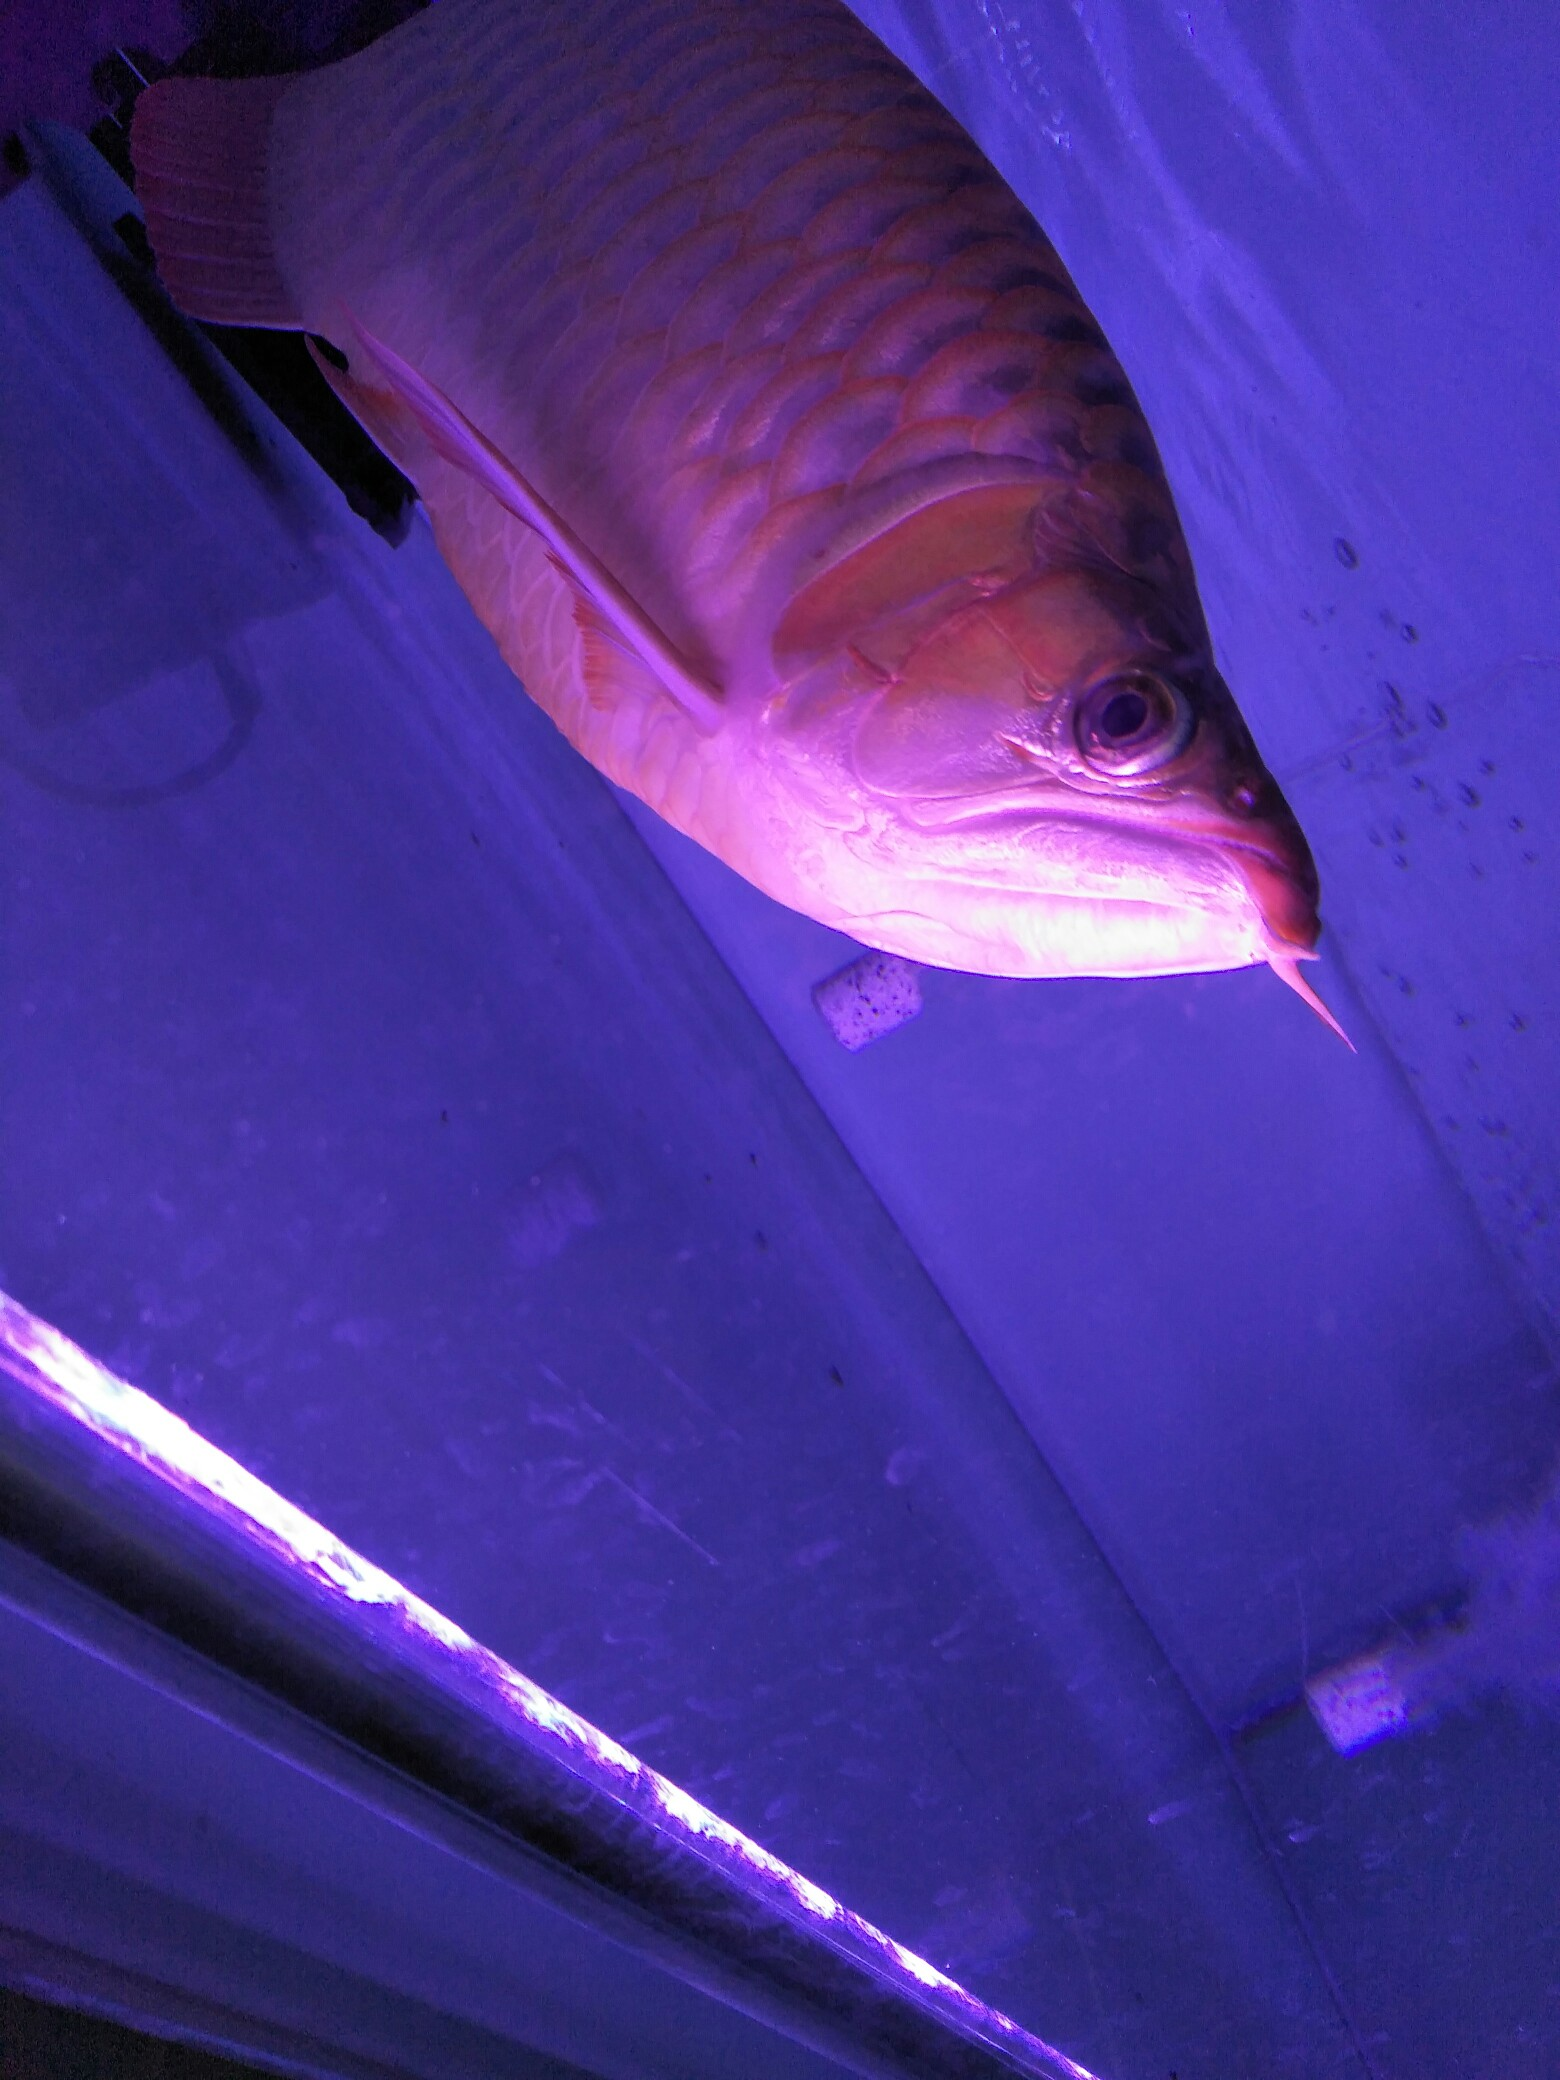 大红龙 翘头哦 北京观赏鱼 北京龙鱼第3张